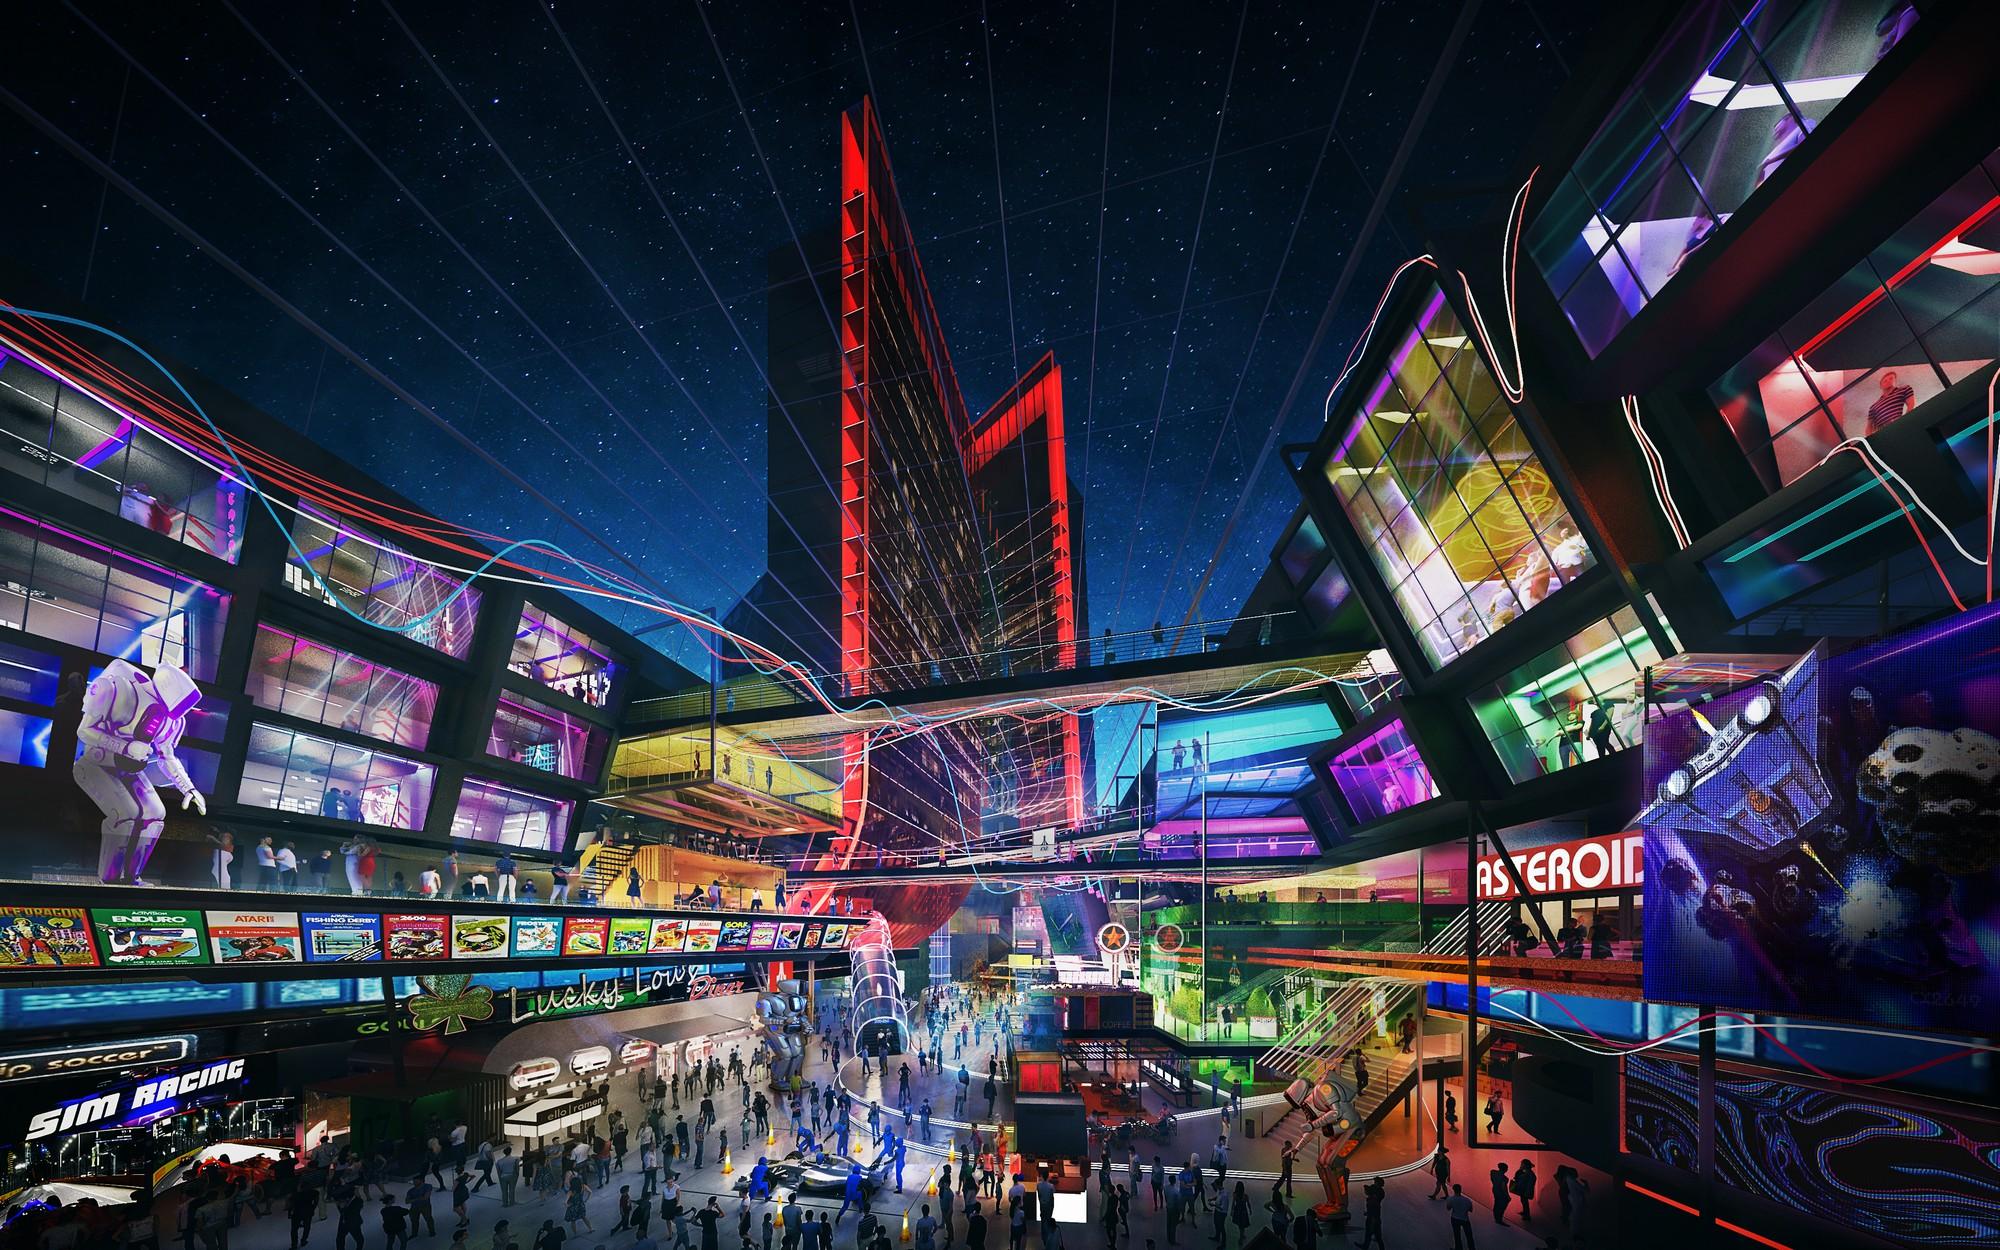 """""""Чистый киберпанк"""": Atari показала, как будут выглядеть фирменные отели компании для геймеров Atari Hotels - ITC.ua"""